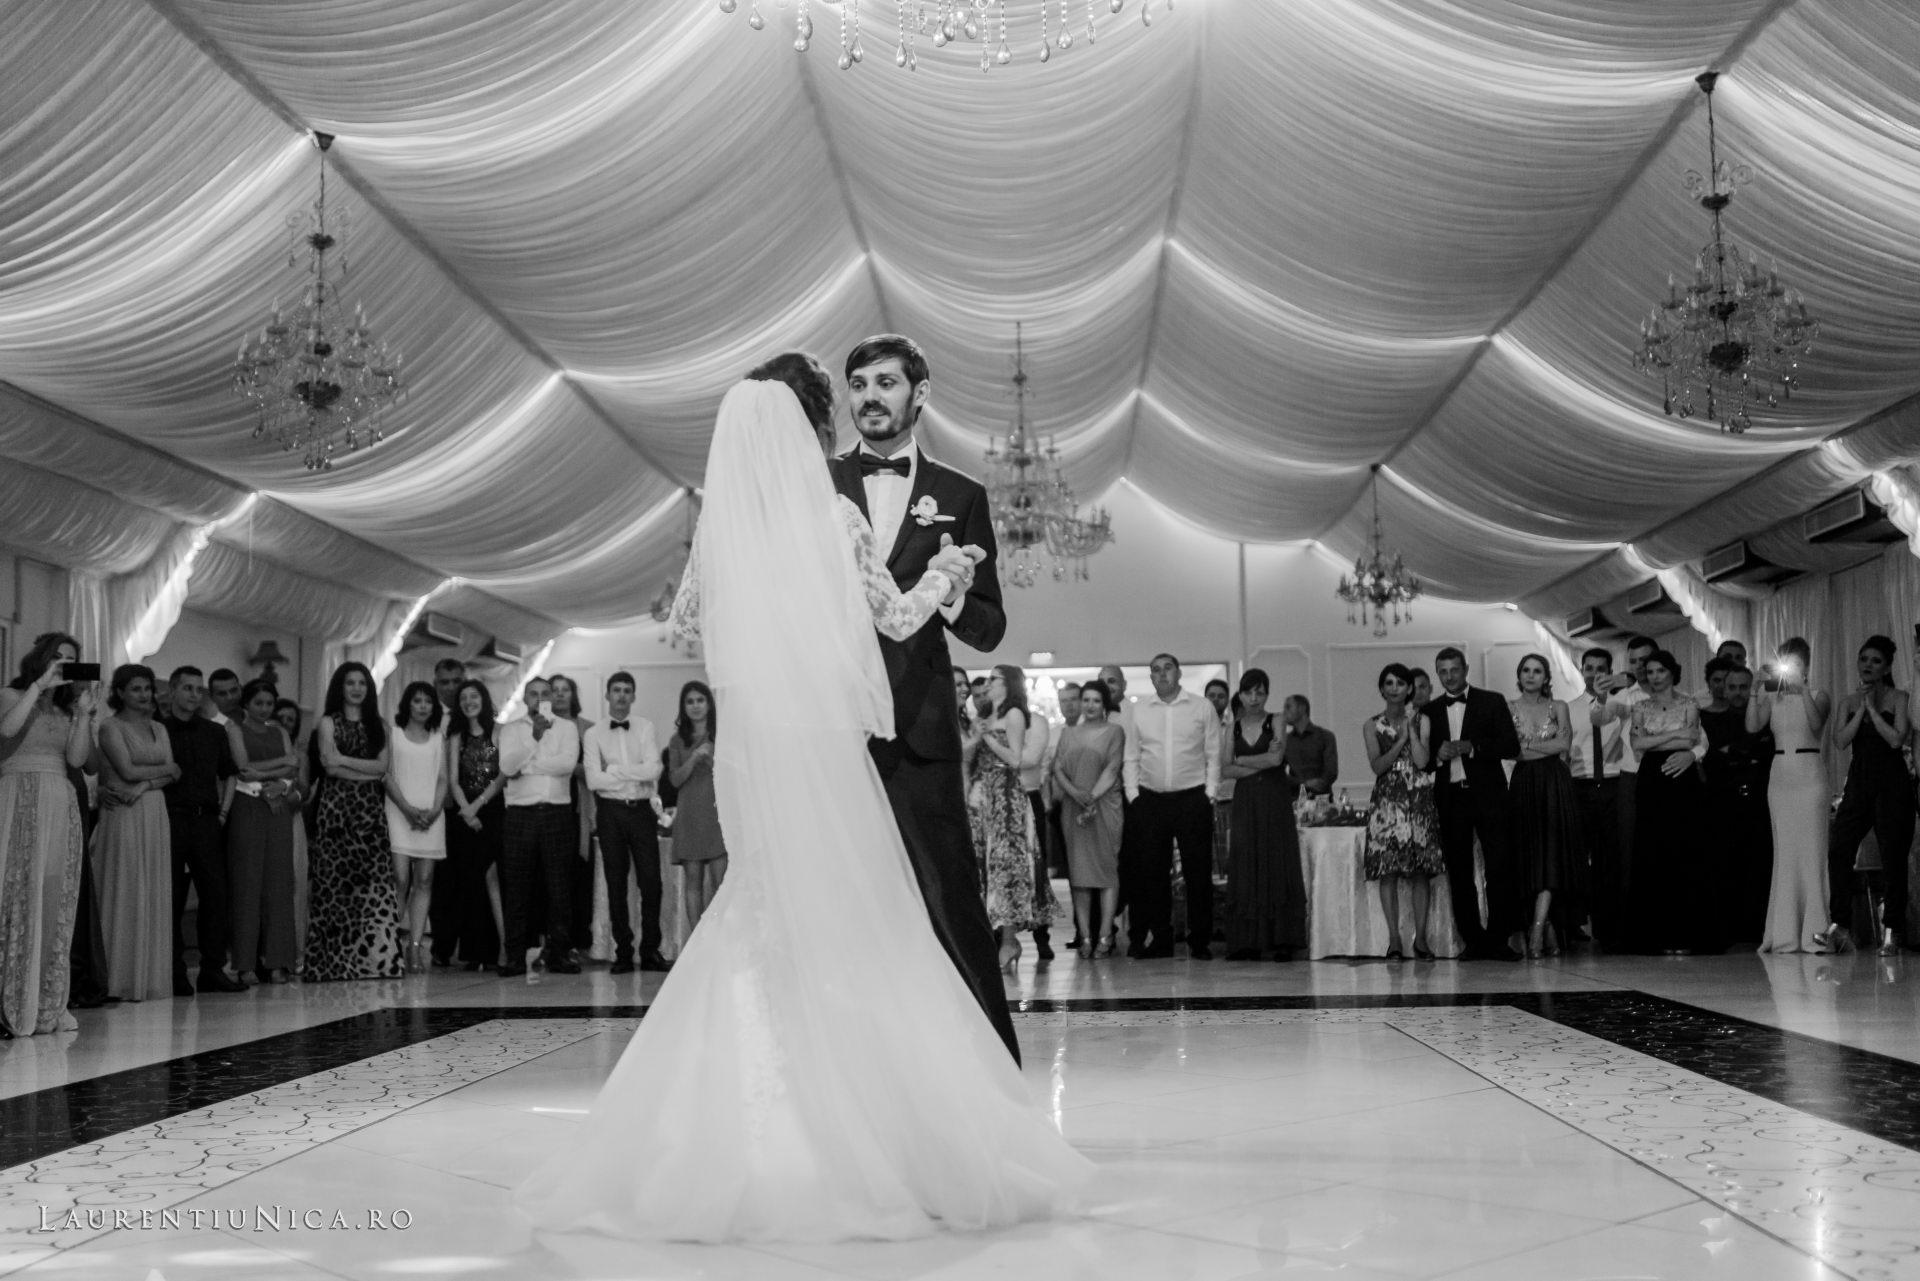 Cristina si Ovidiu nunta Craiova fotograf laurentiu nica 123 - Cristina & Ovidiu | Fotografii nunta | Craiova